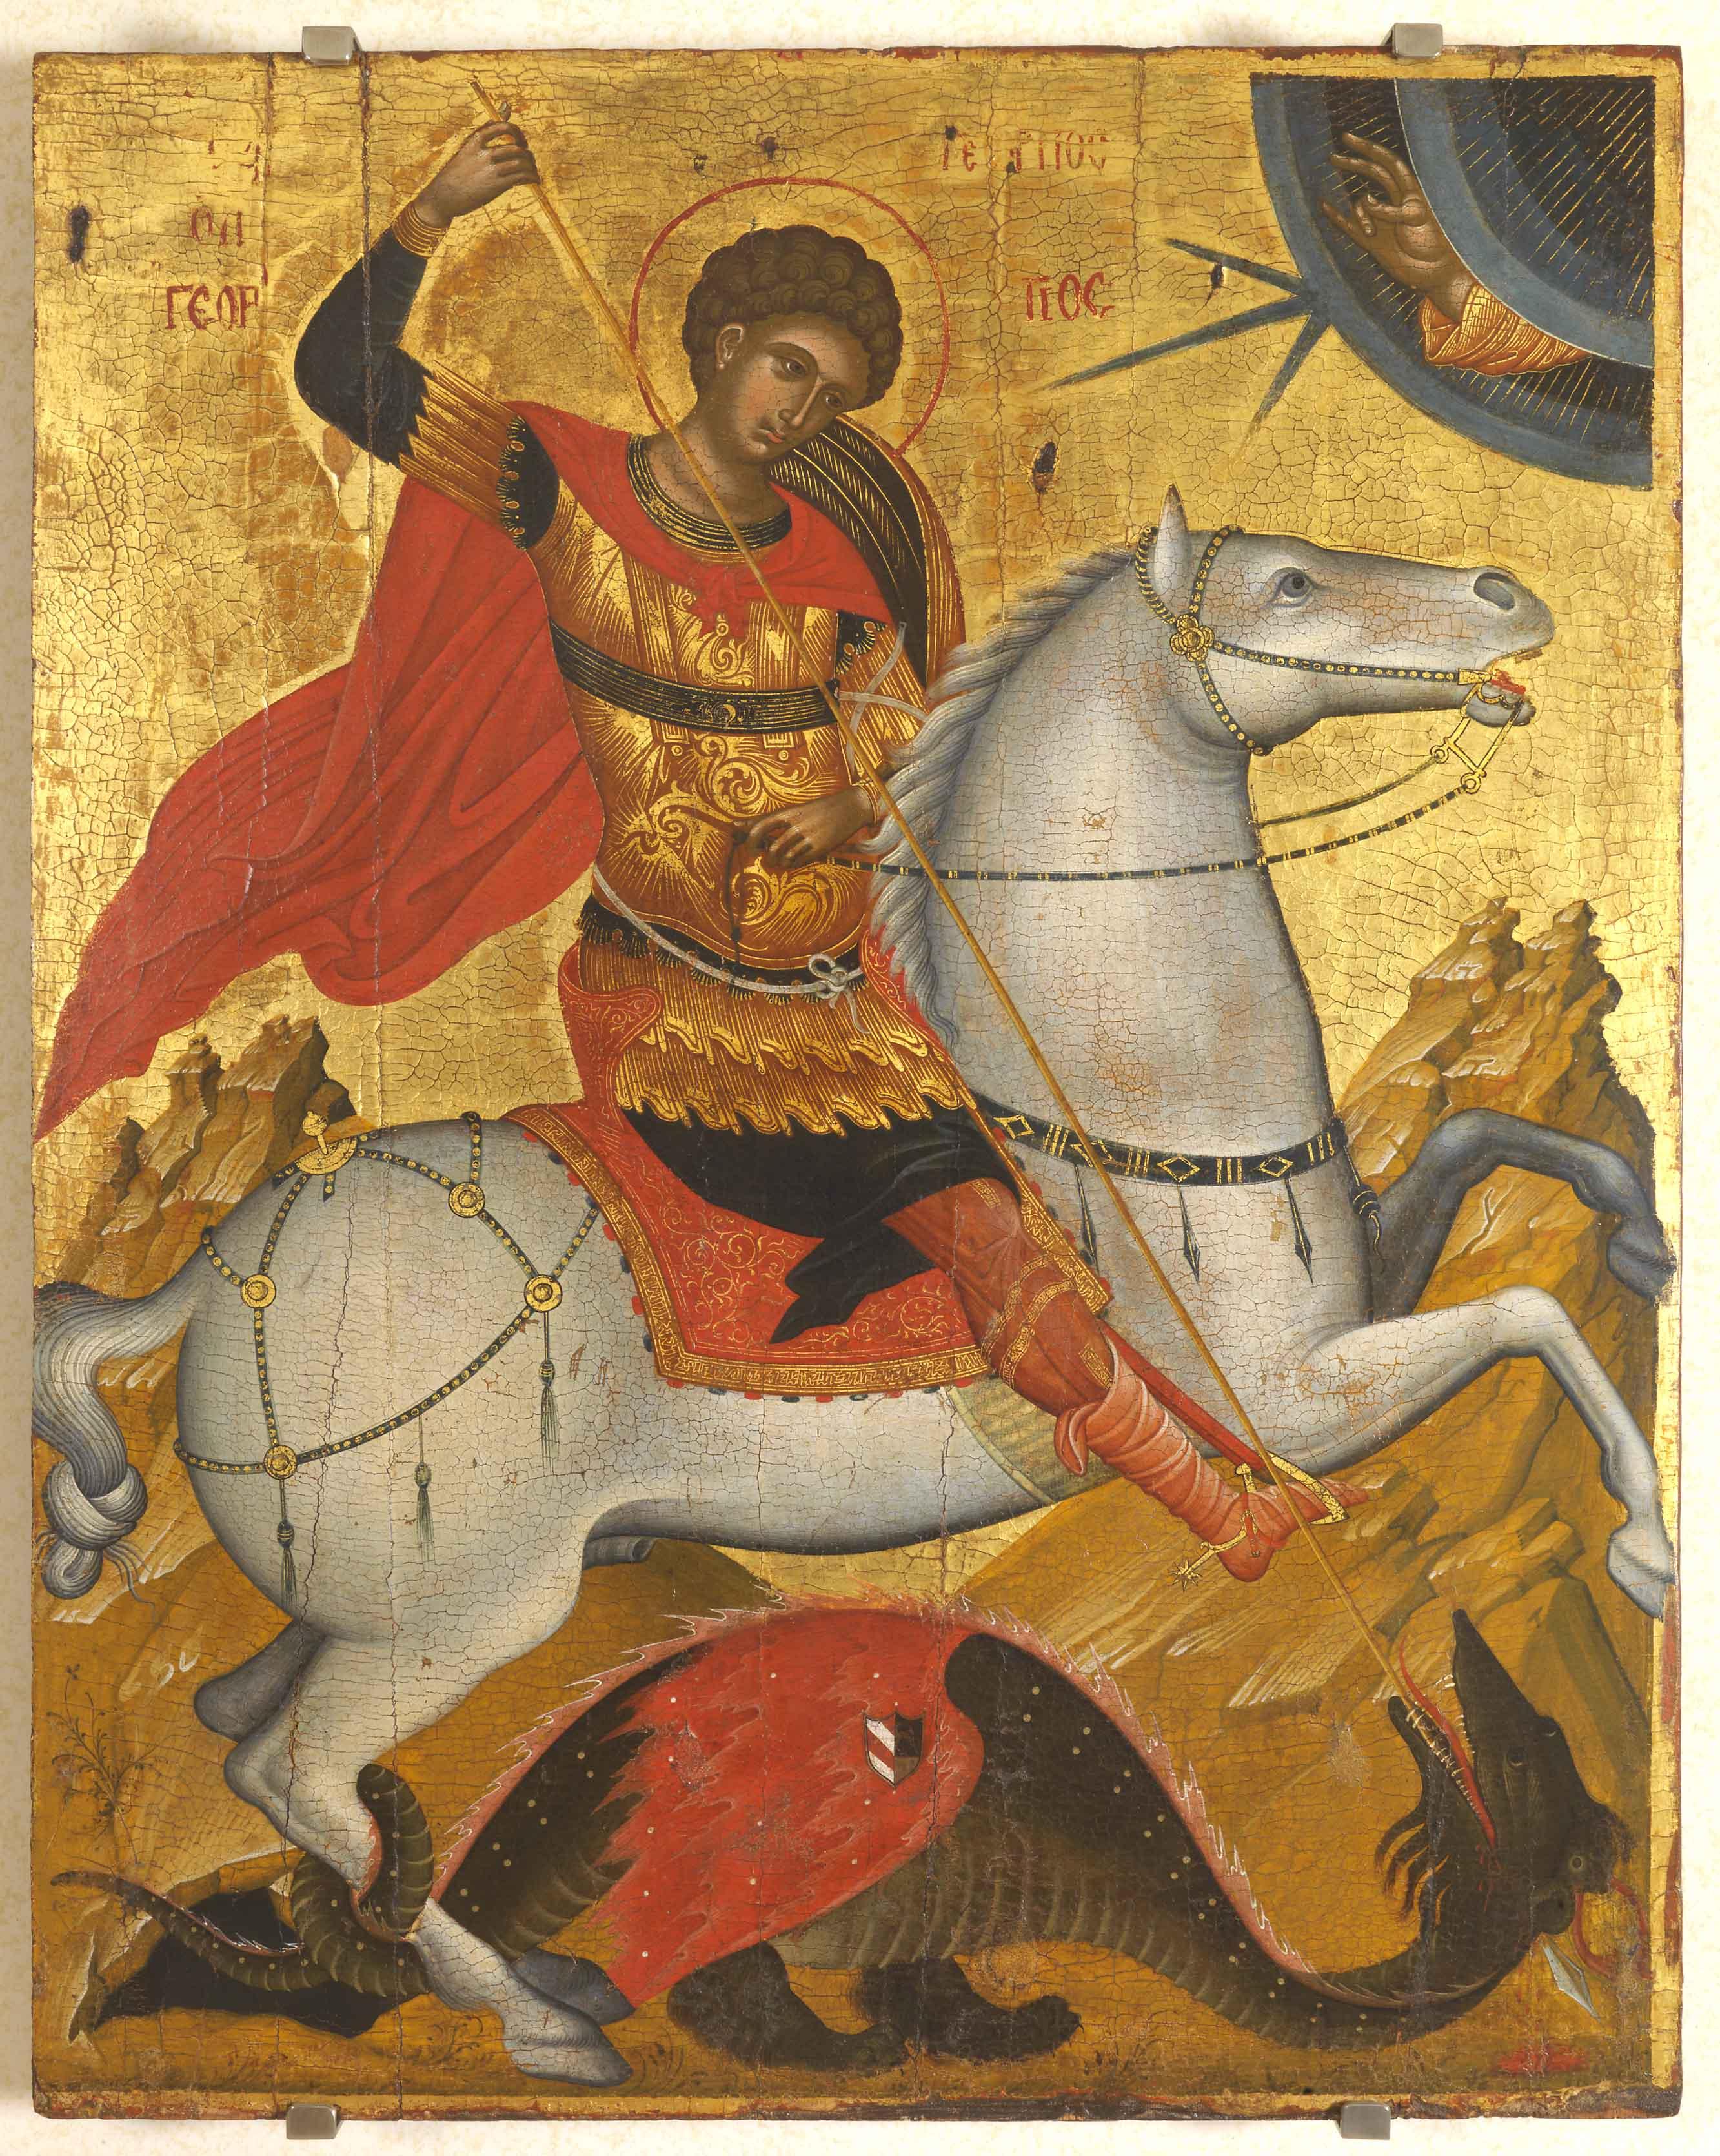 Византия (2 Часть). Иконы Византии (421 ...: nevsepic.com.ua/religiya/page,2,21647-vizantiya-2-chast.-ikony...